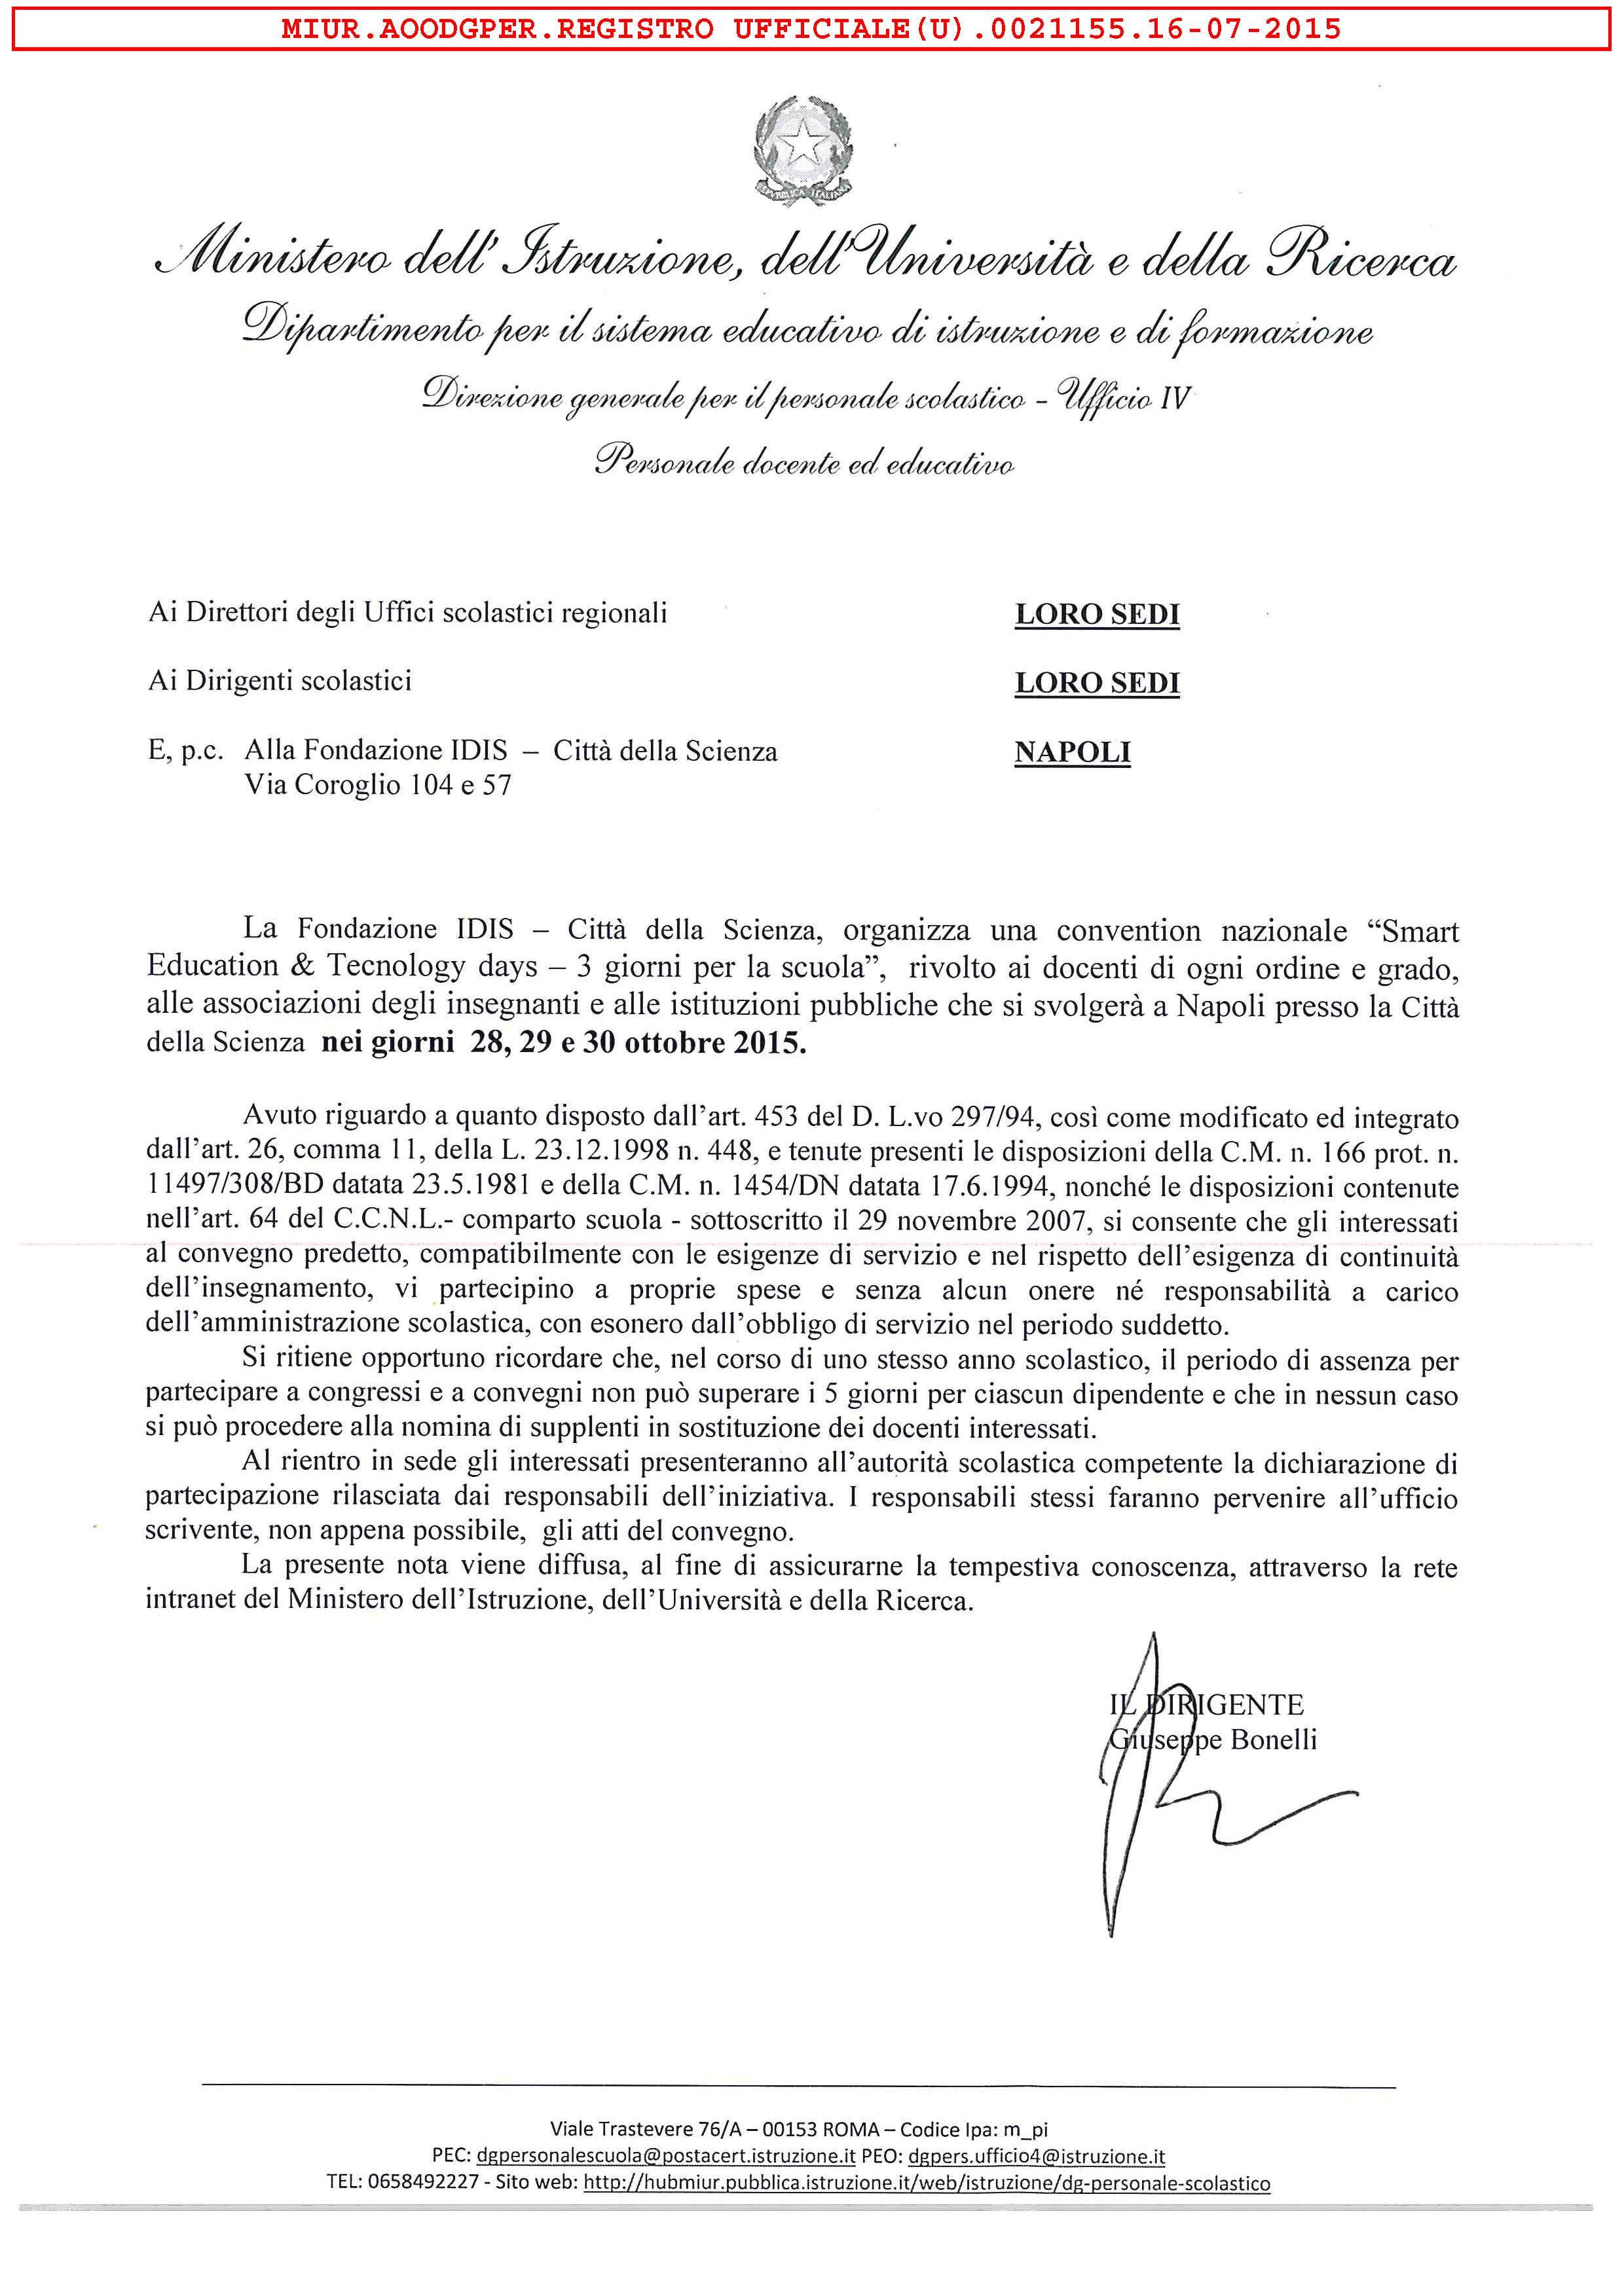 MIUR.AOODGPER.REGISTRO_UFFICIALE(U).0021155.16-07-2015